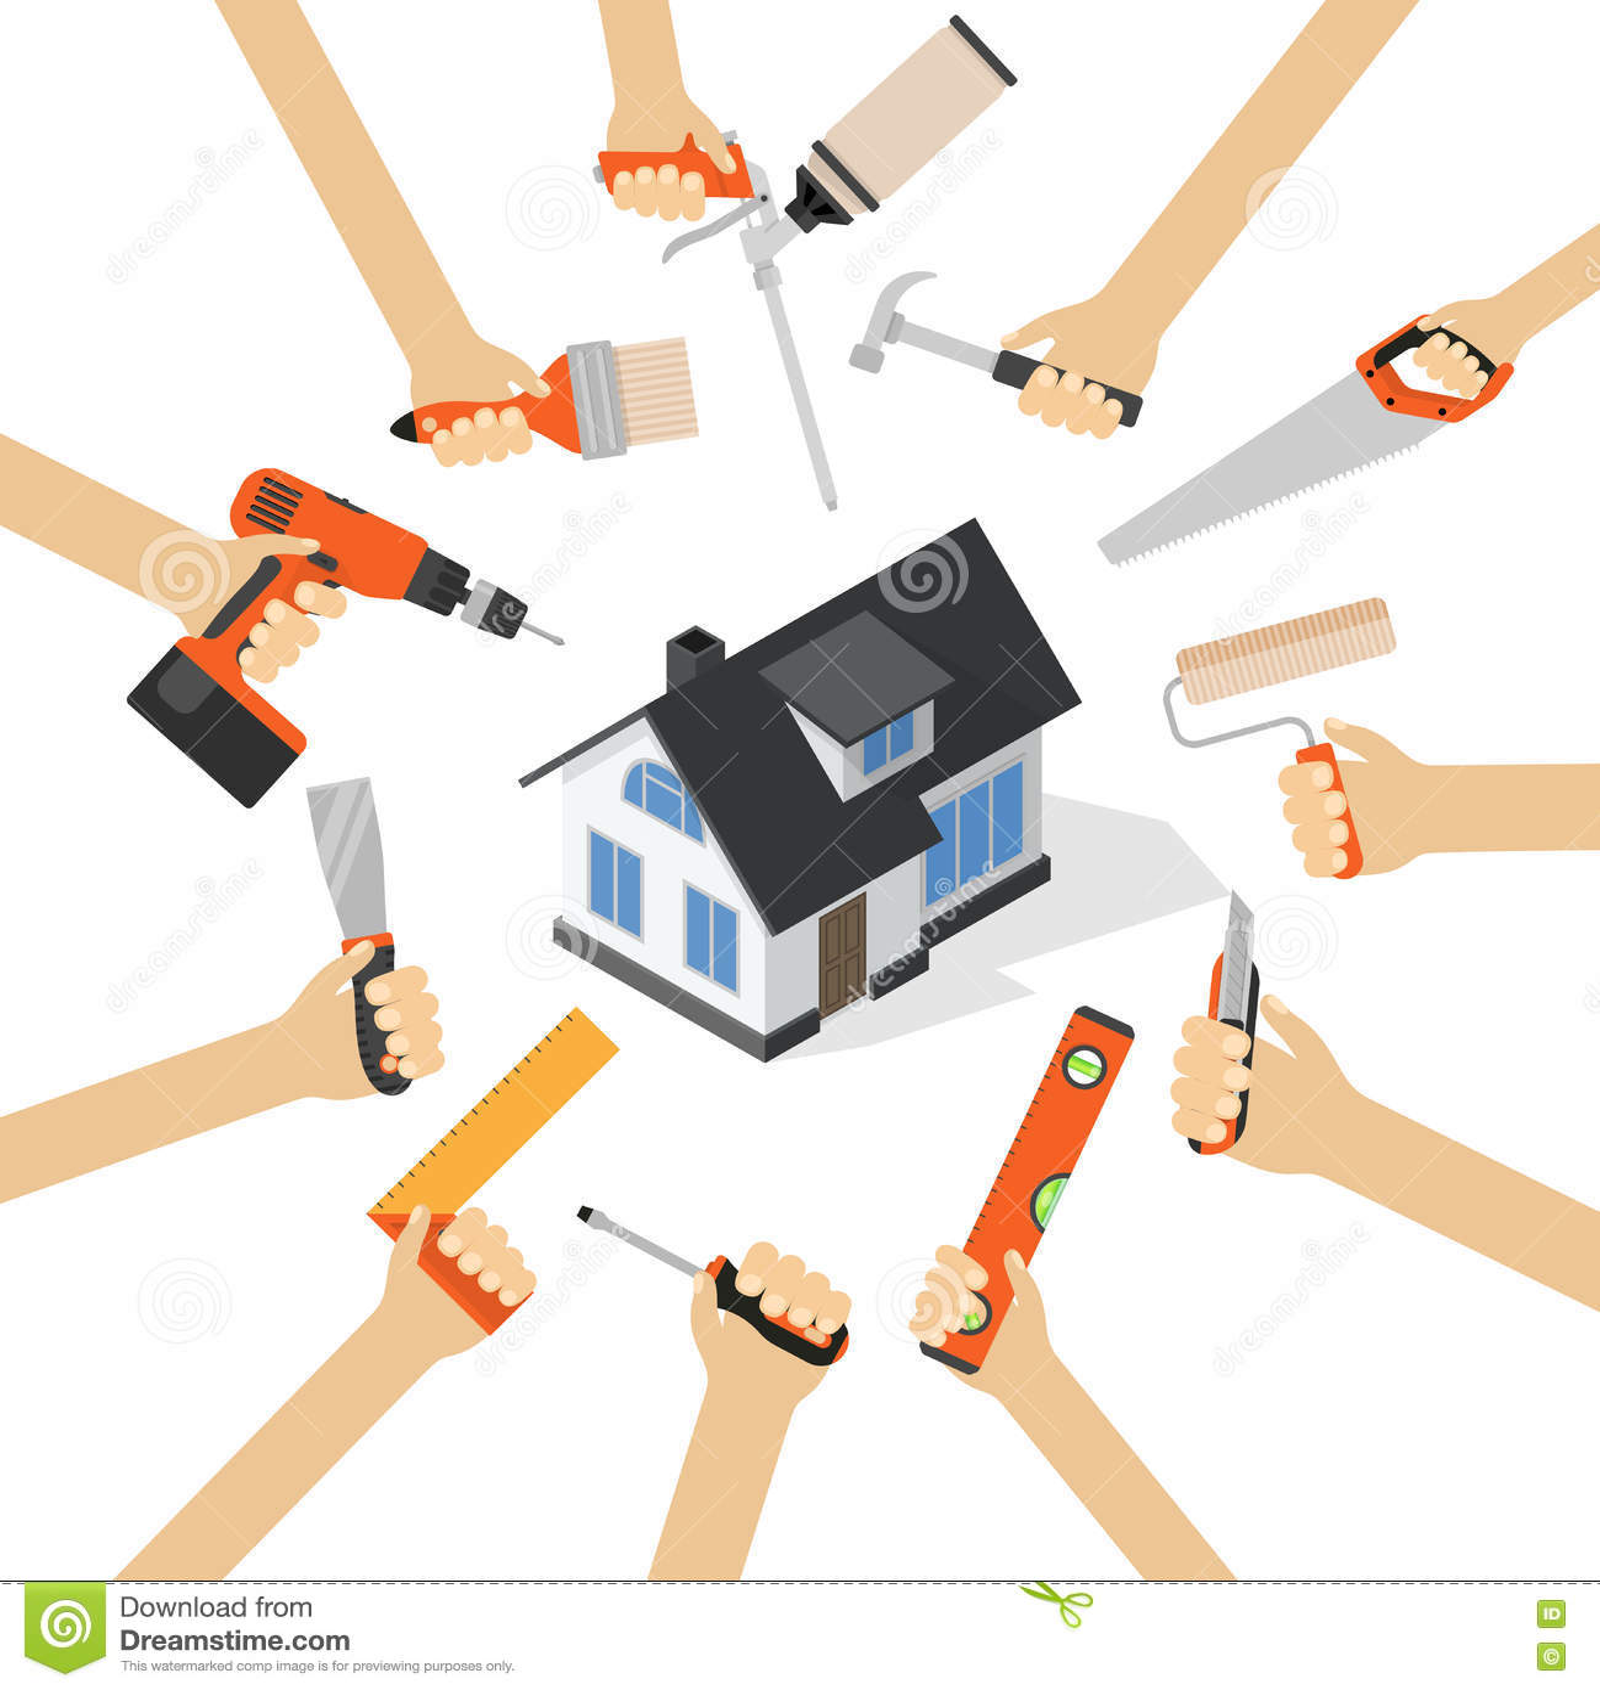 mains avec les outils diy des travaux domestiques de r novation de r paration la maison. Black Bedroom Furniture Sets. Home Design Ideas